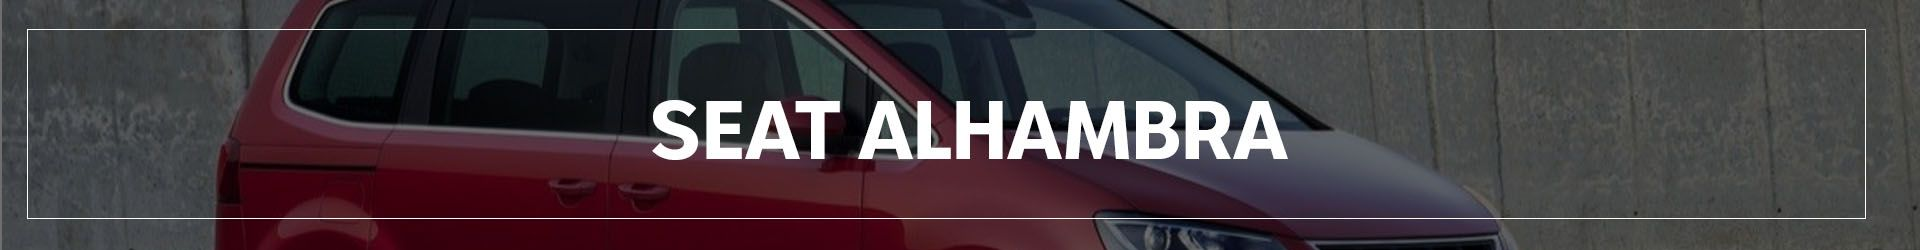 SEAT ALHAMBRA | Automocion Terry Concesionario SEAT Cadiz